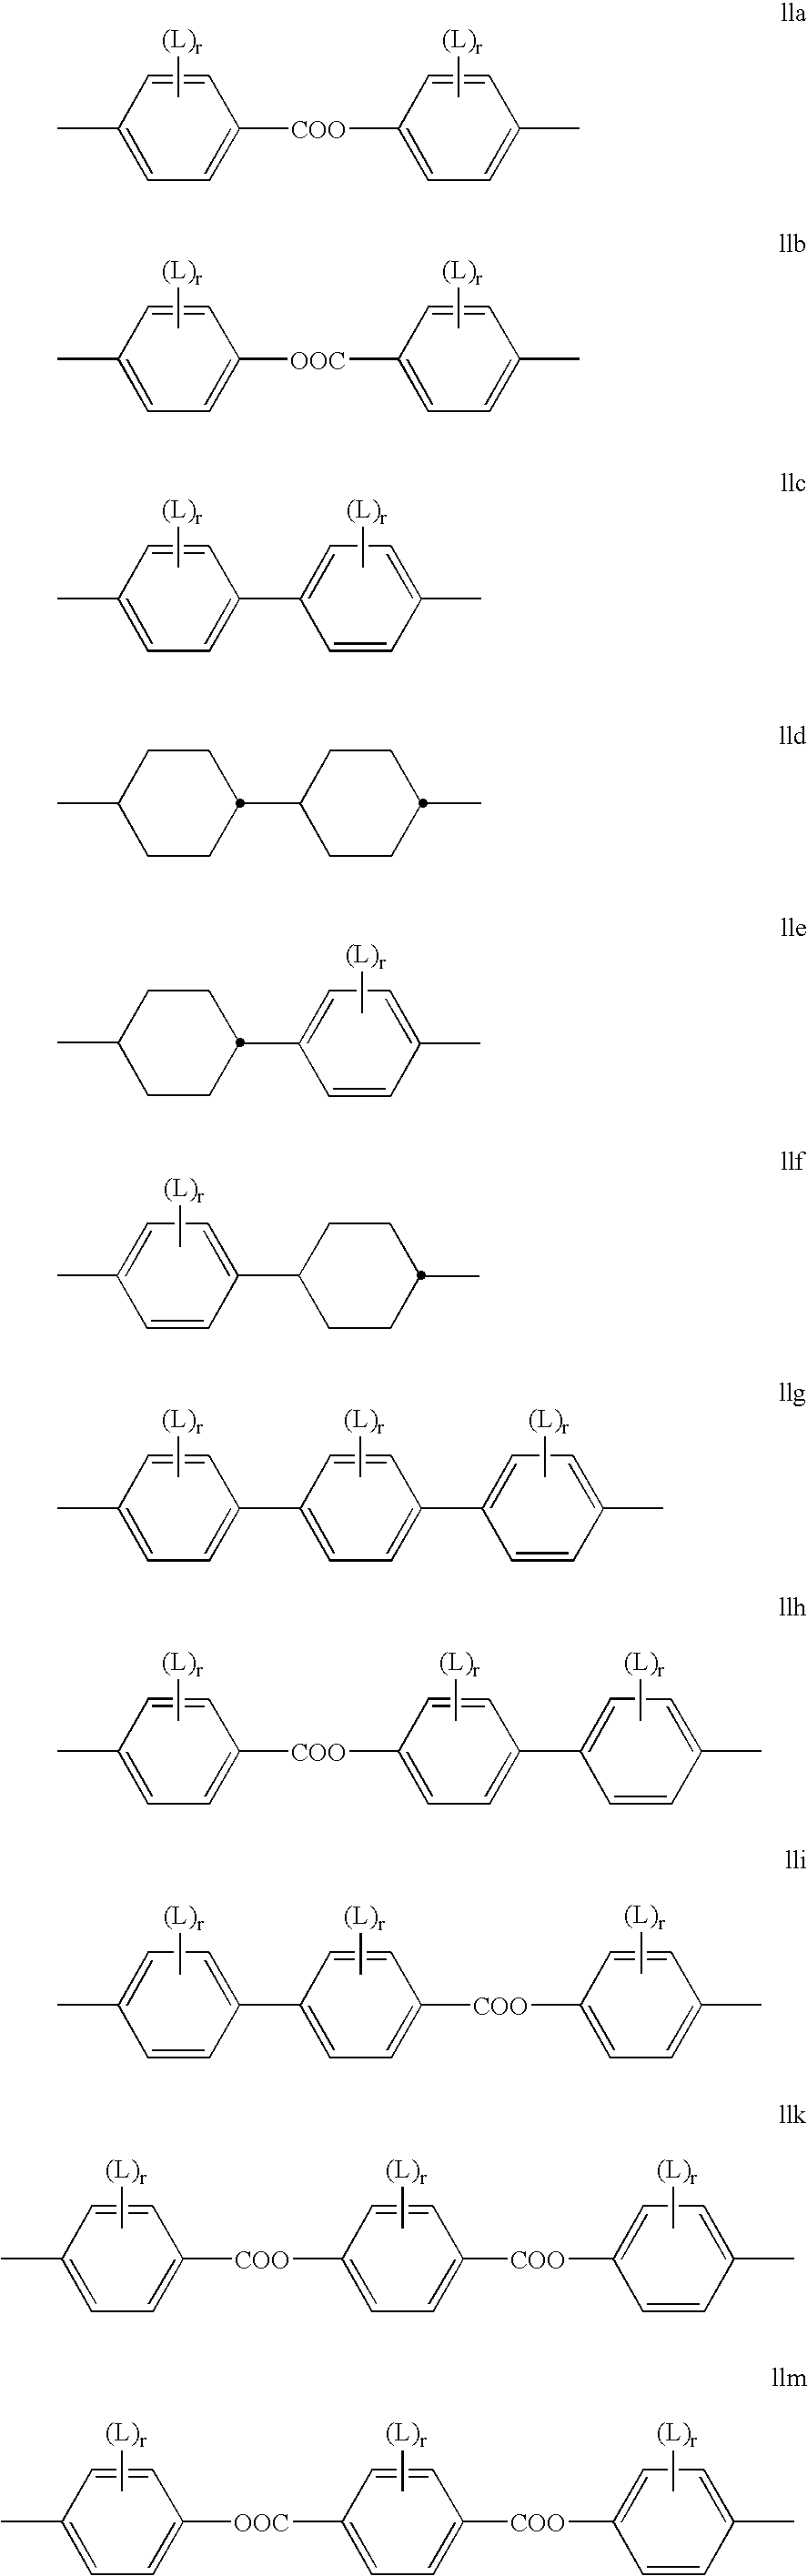 Figure US20030190437A1-20031009-C00001